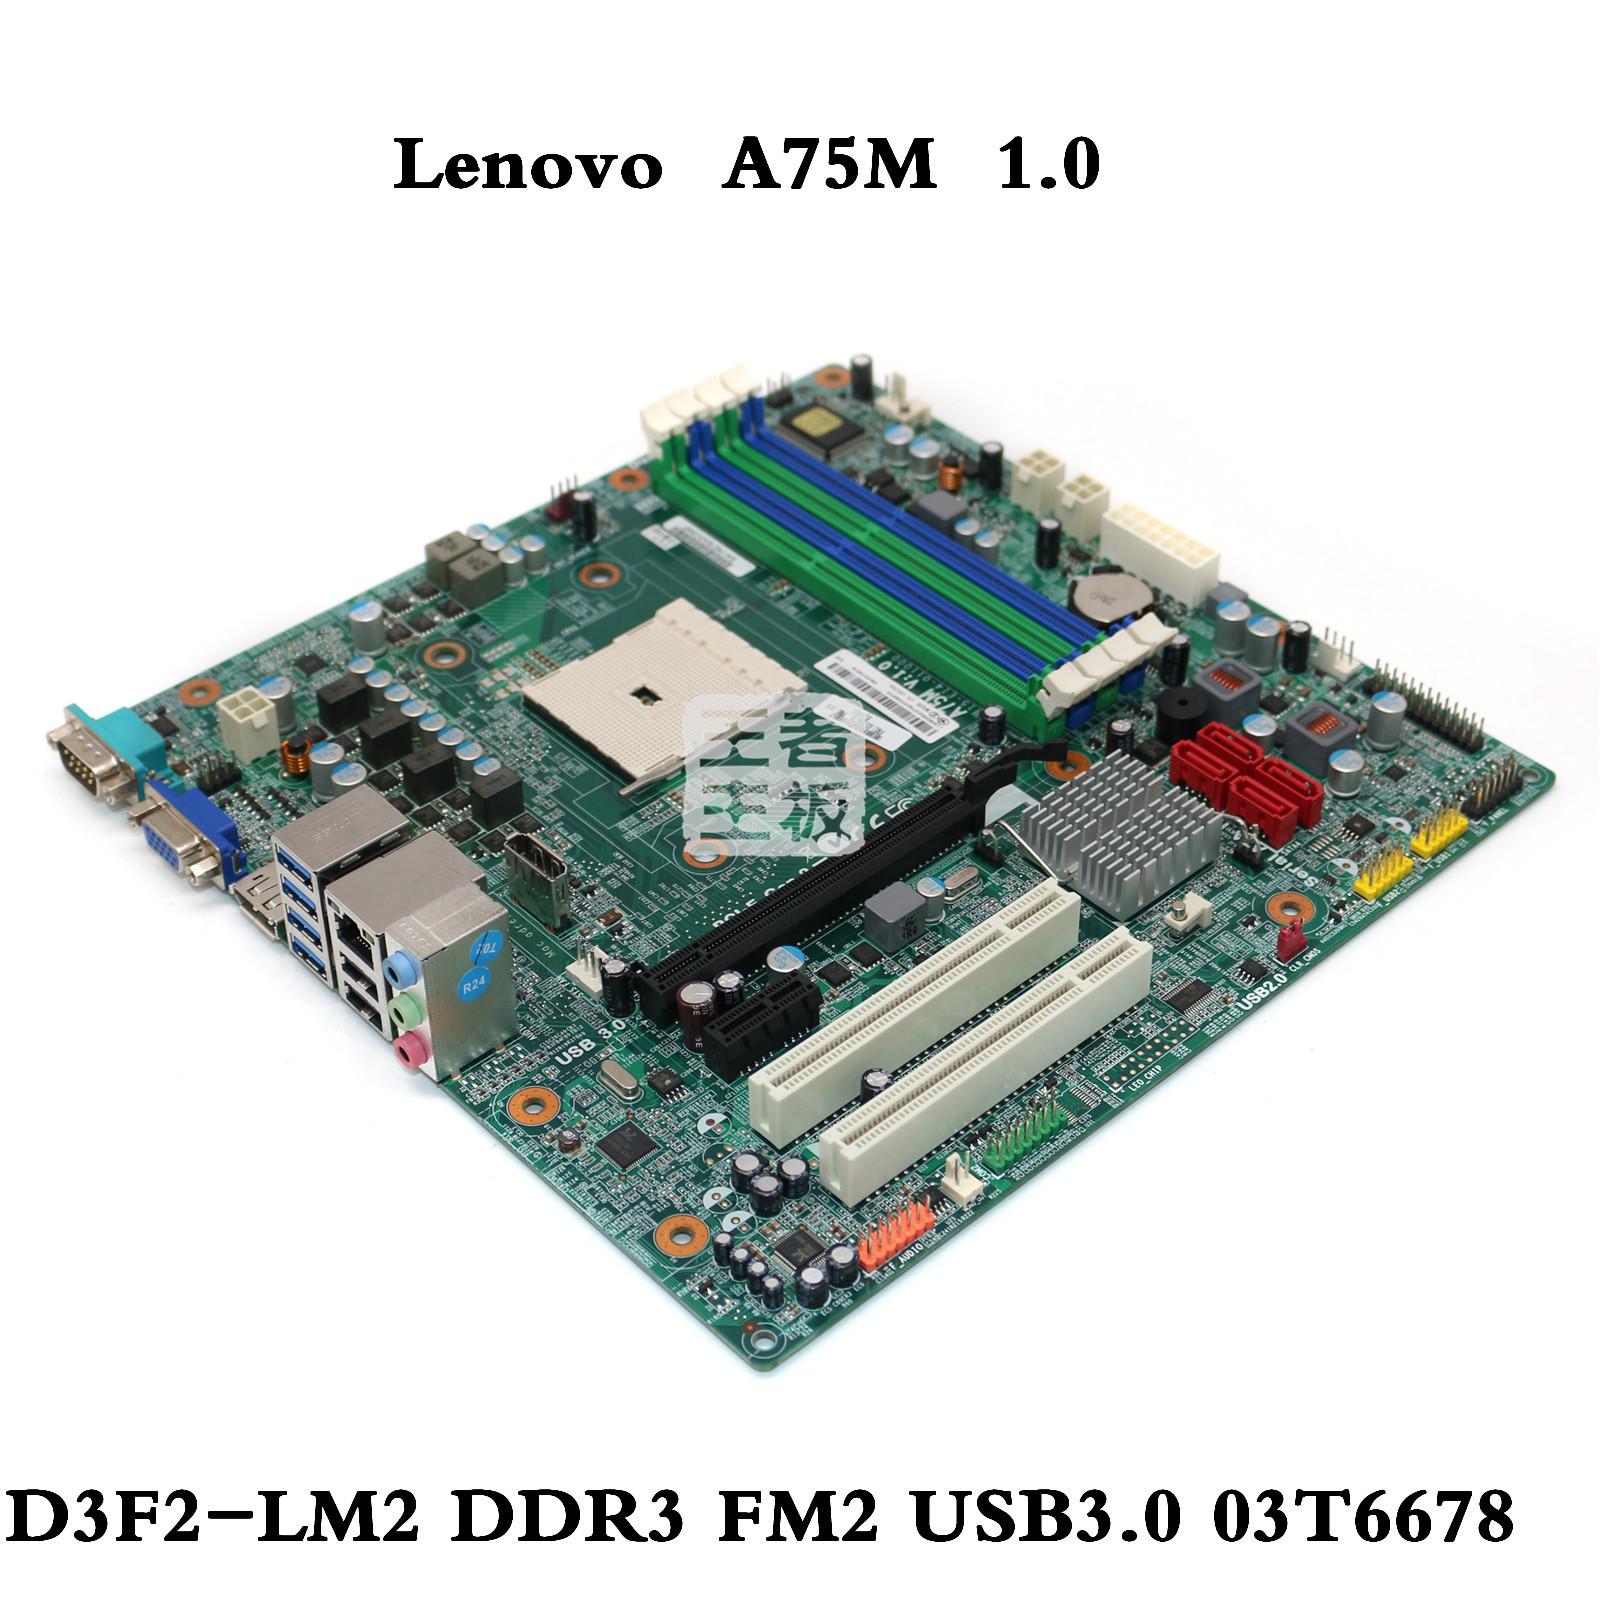 SATA3 联想A75M主板 USB3.0 D3F2 1.0 LM2 FM2主板 全新原装